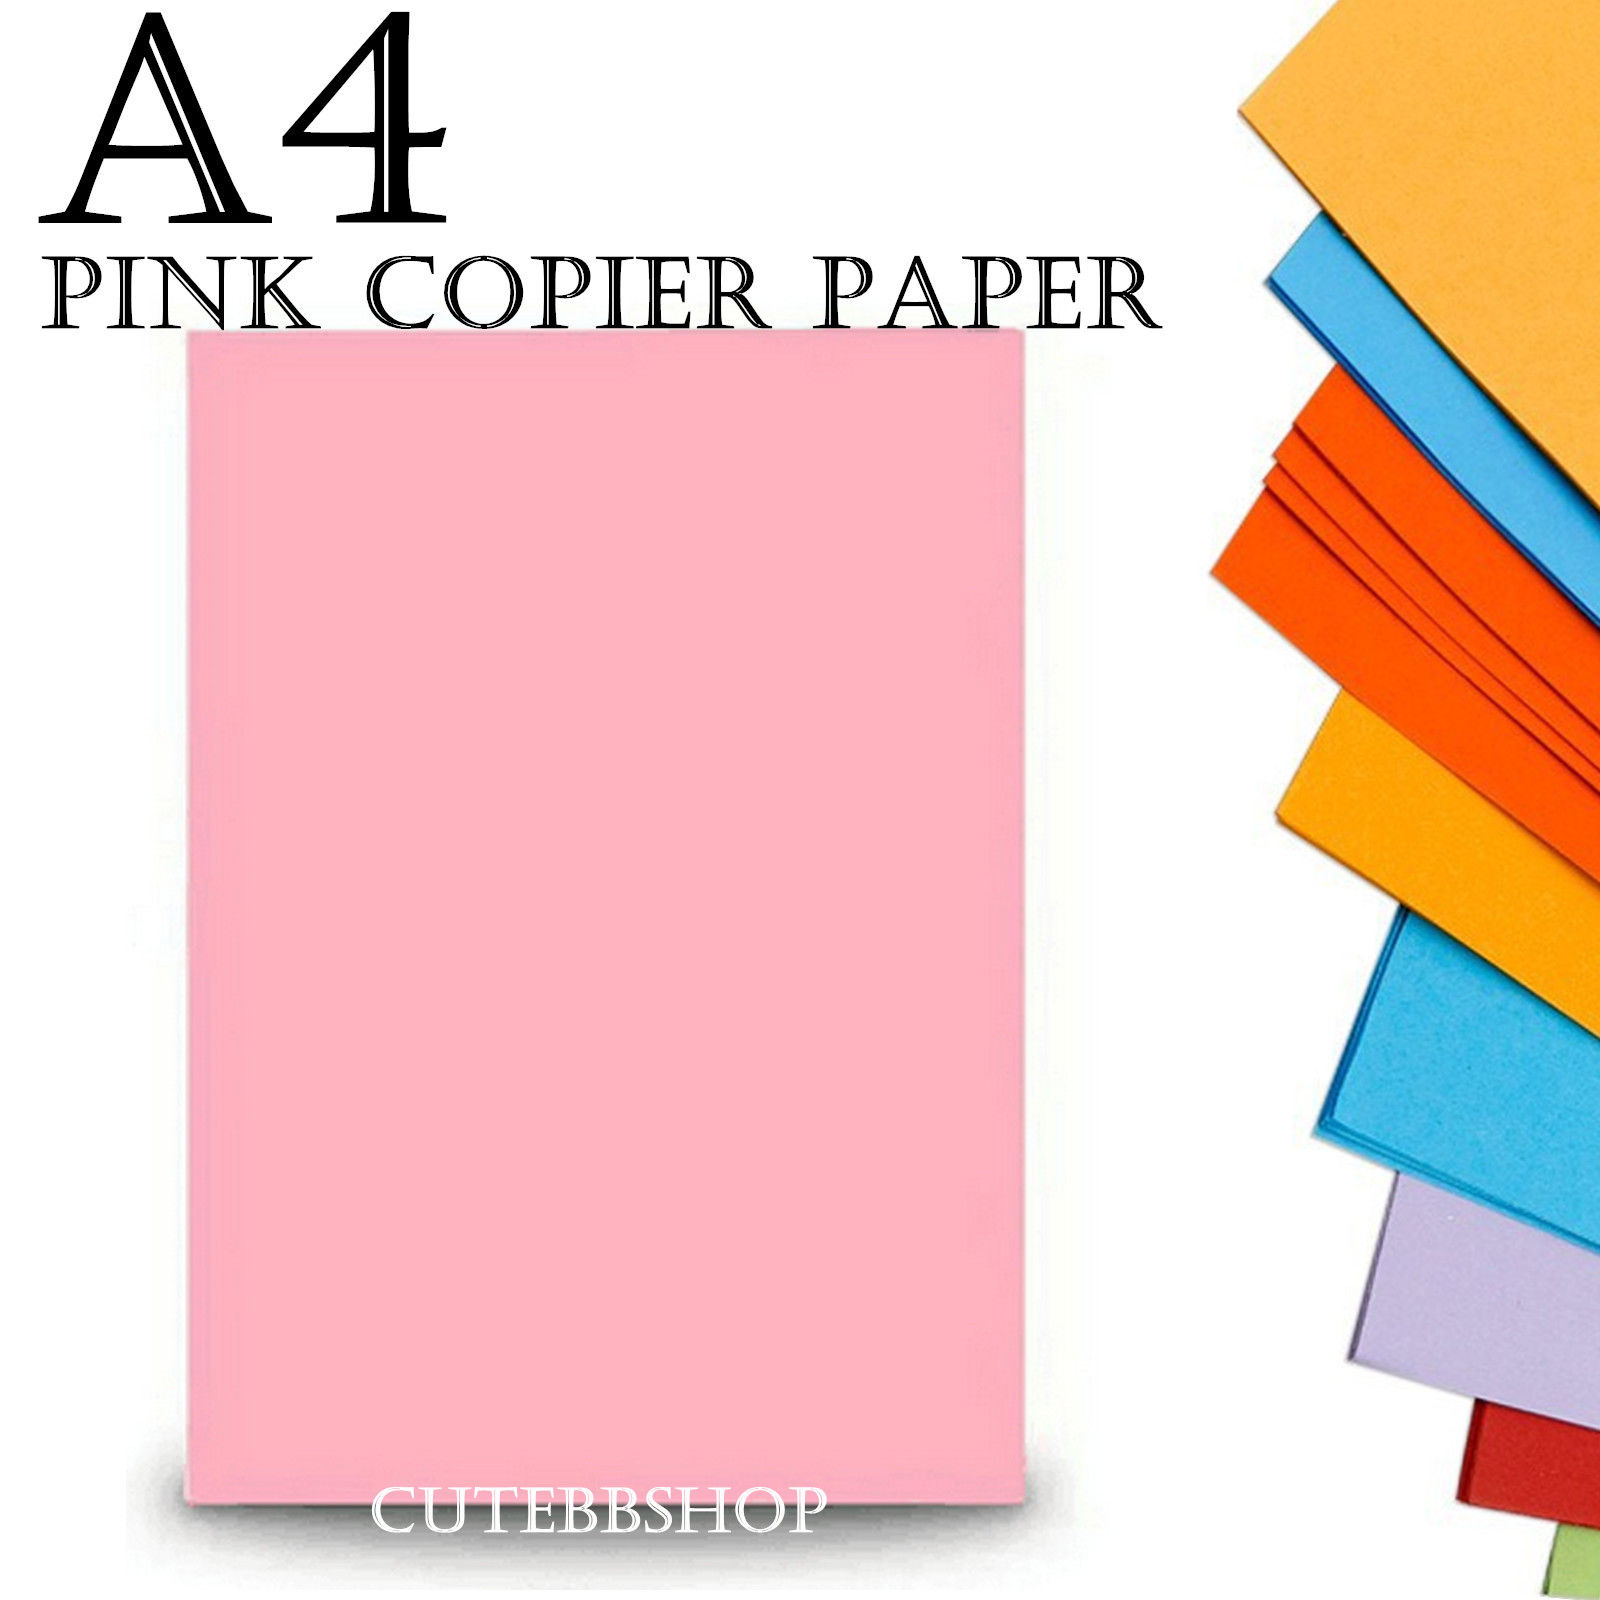 Rojo A4 artes y artesanía Hojas 80gsm Impresora láser papel Inyección De Tinta Y Copiadora